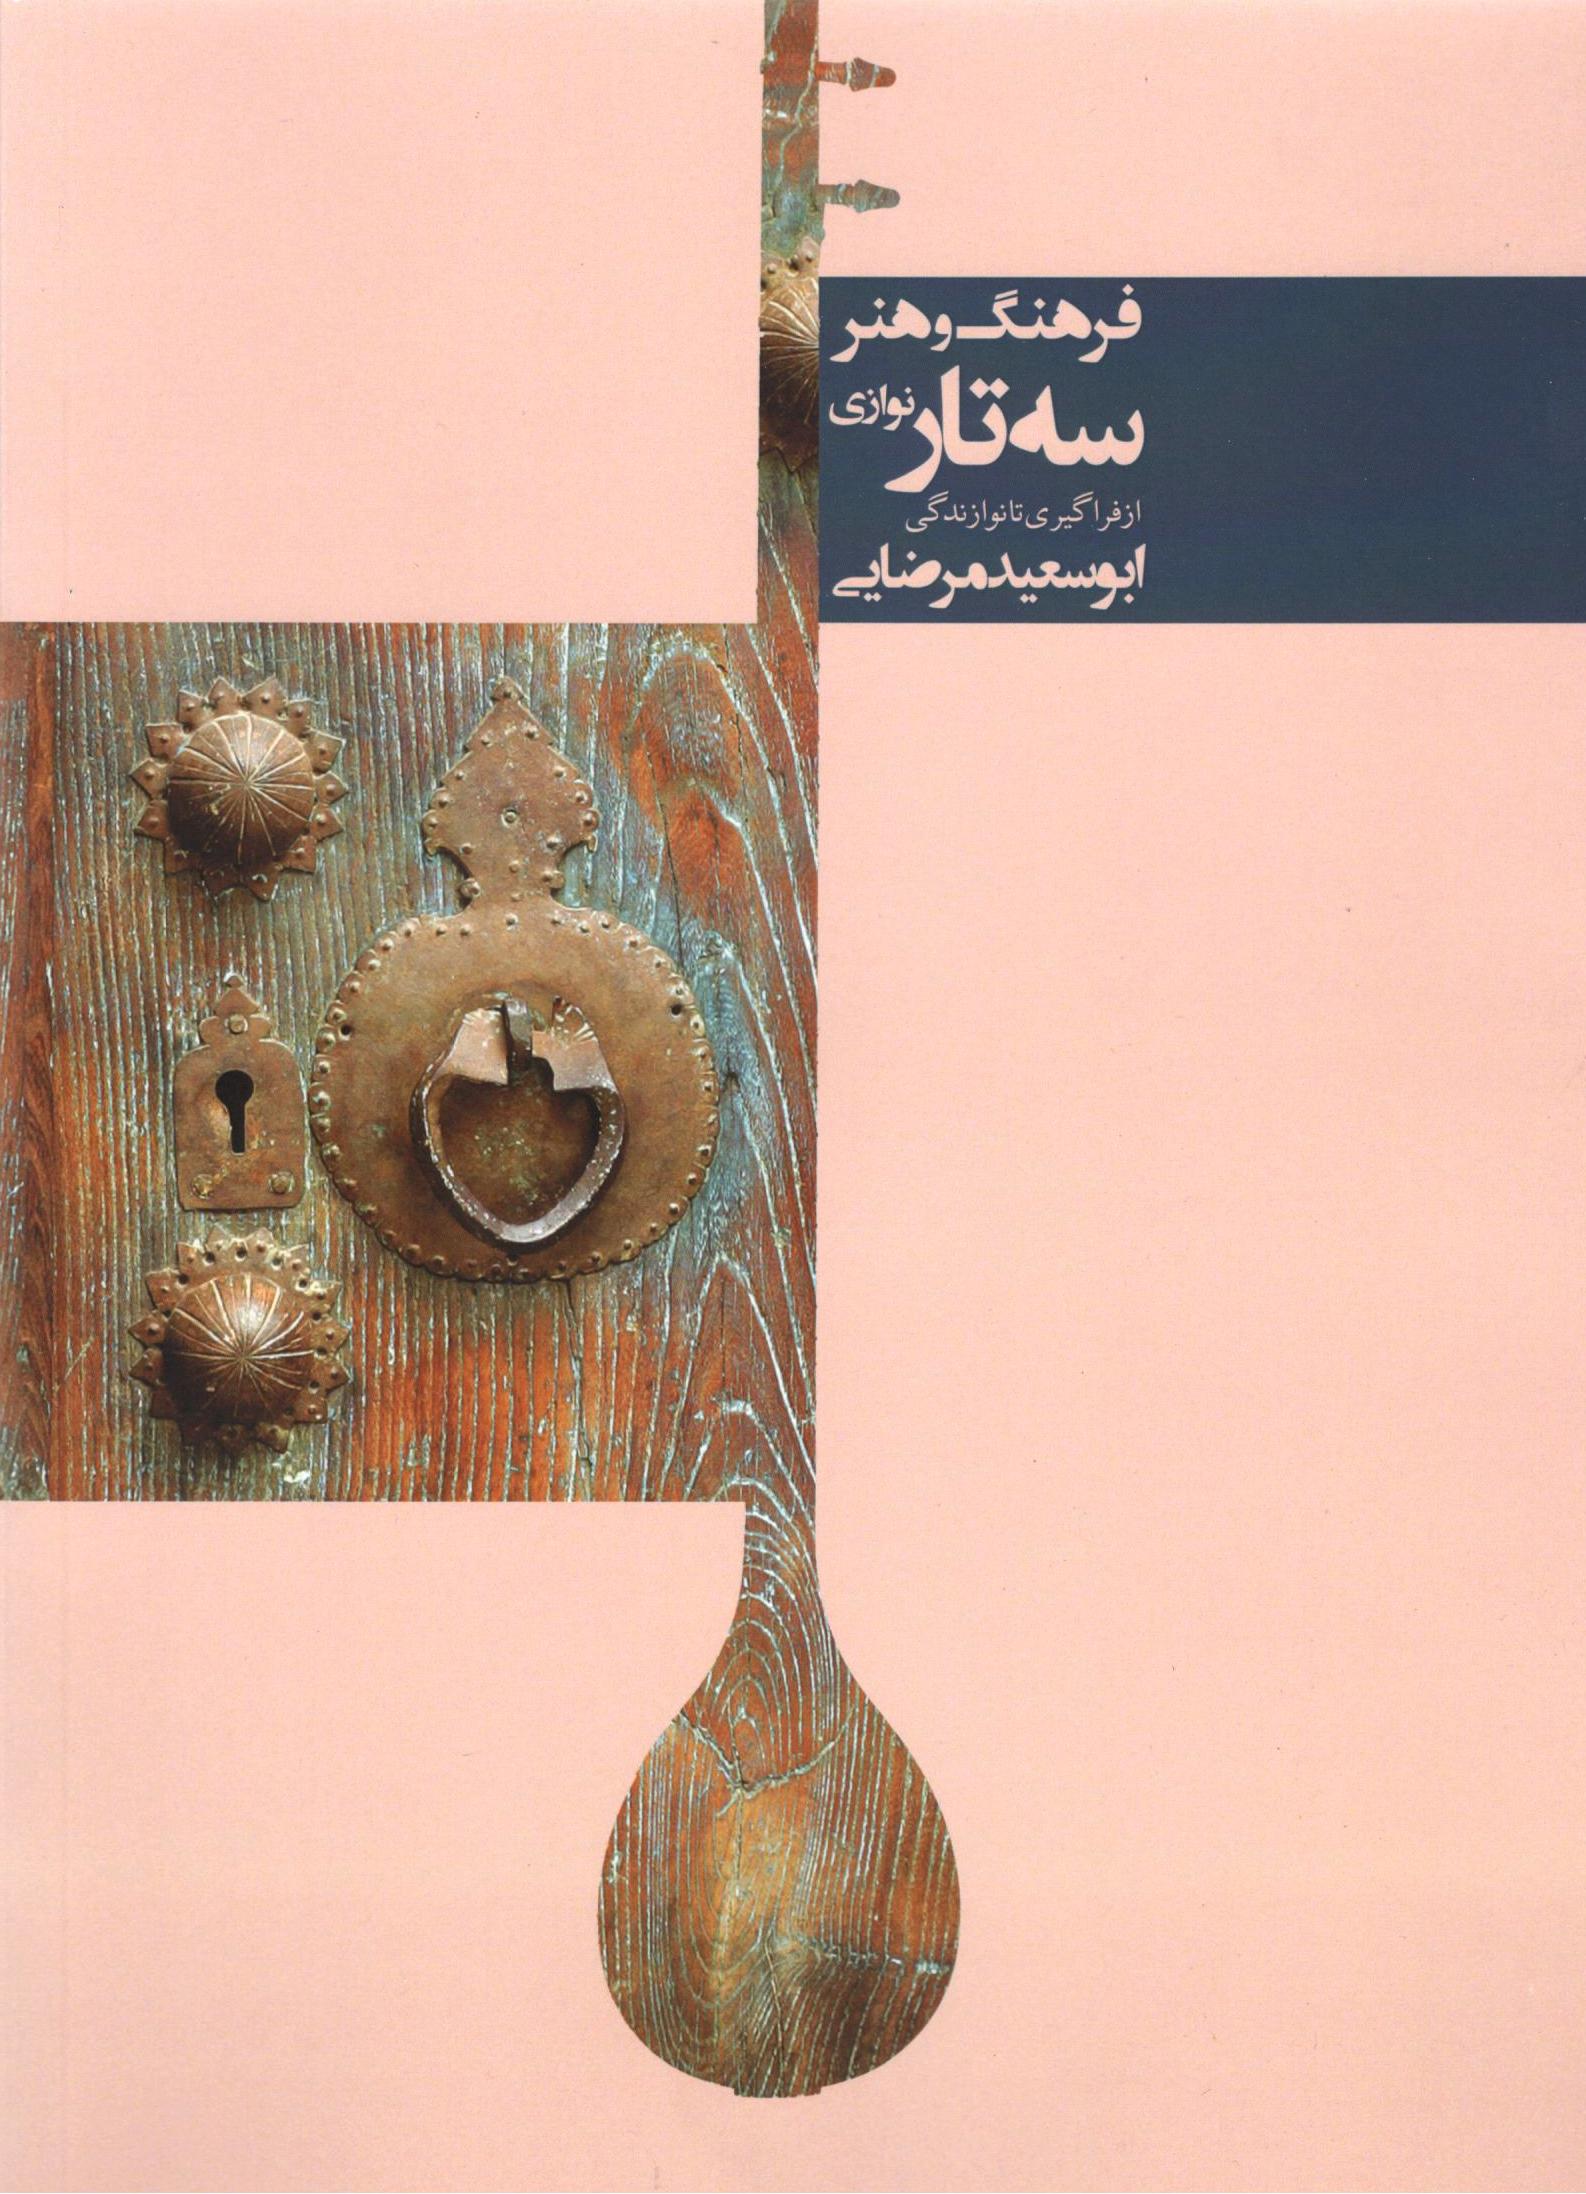 فرهنگ و هنر سه تار نوازی 2سی دی ابو سعید مرضایی